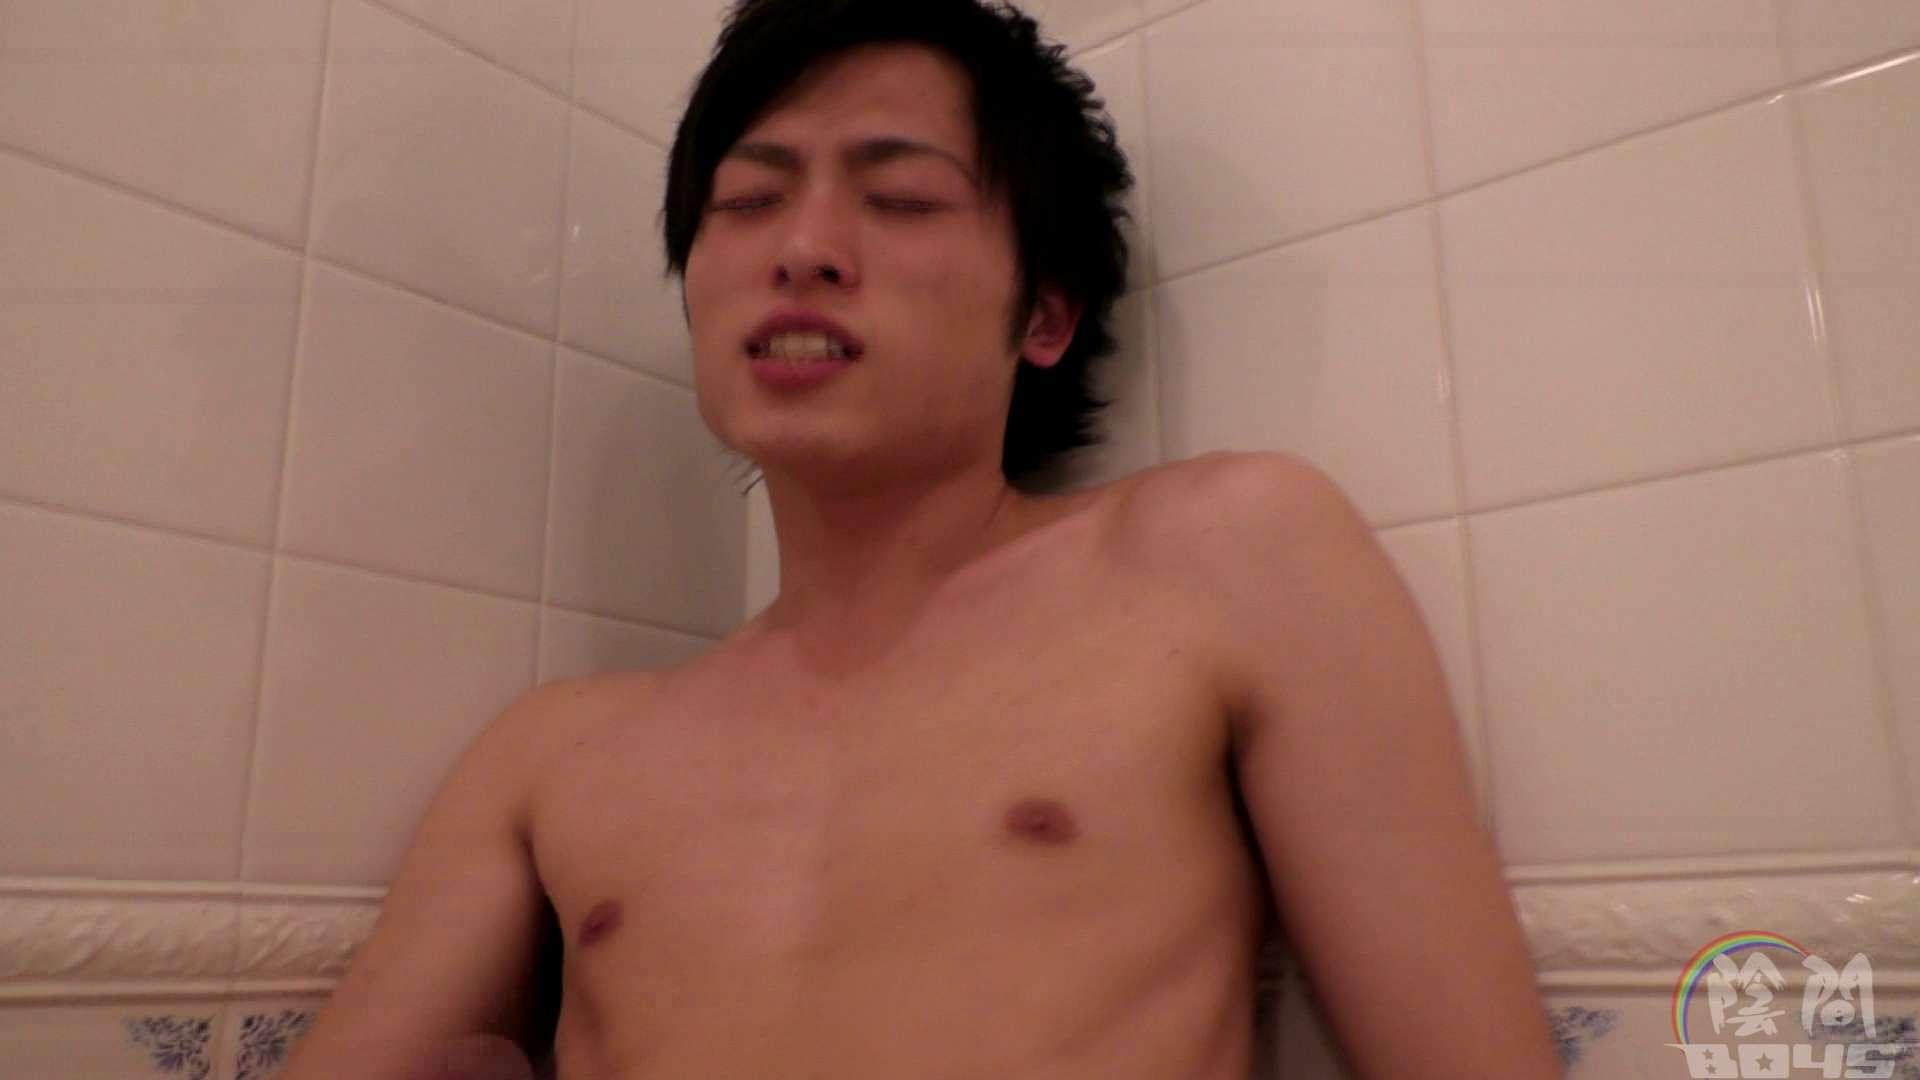 陰間BOYS~AV男優面接2、俺のアナルが…~02 スーツ ゲイセックス画像 62枚 7